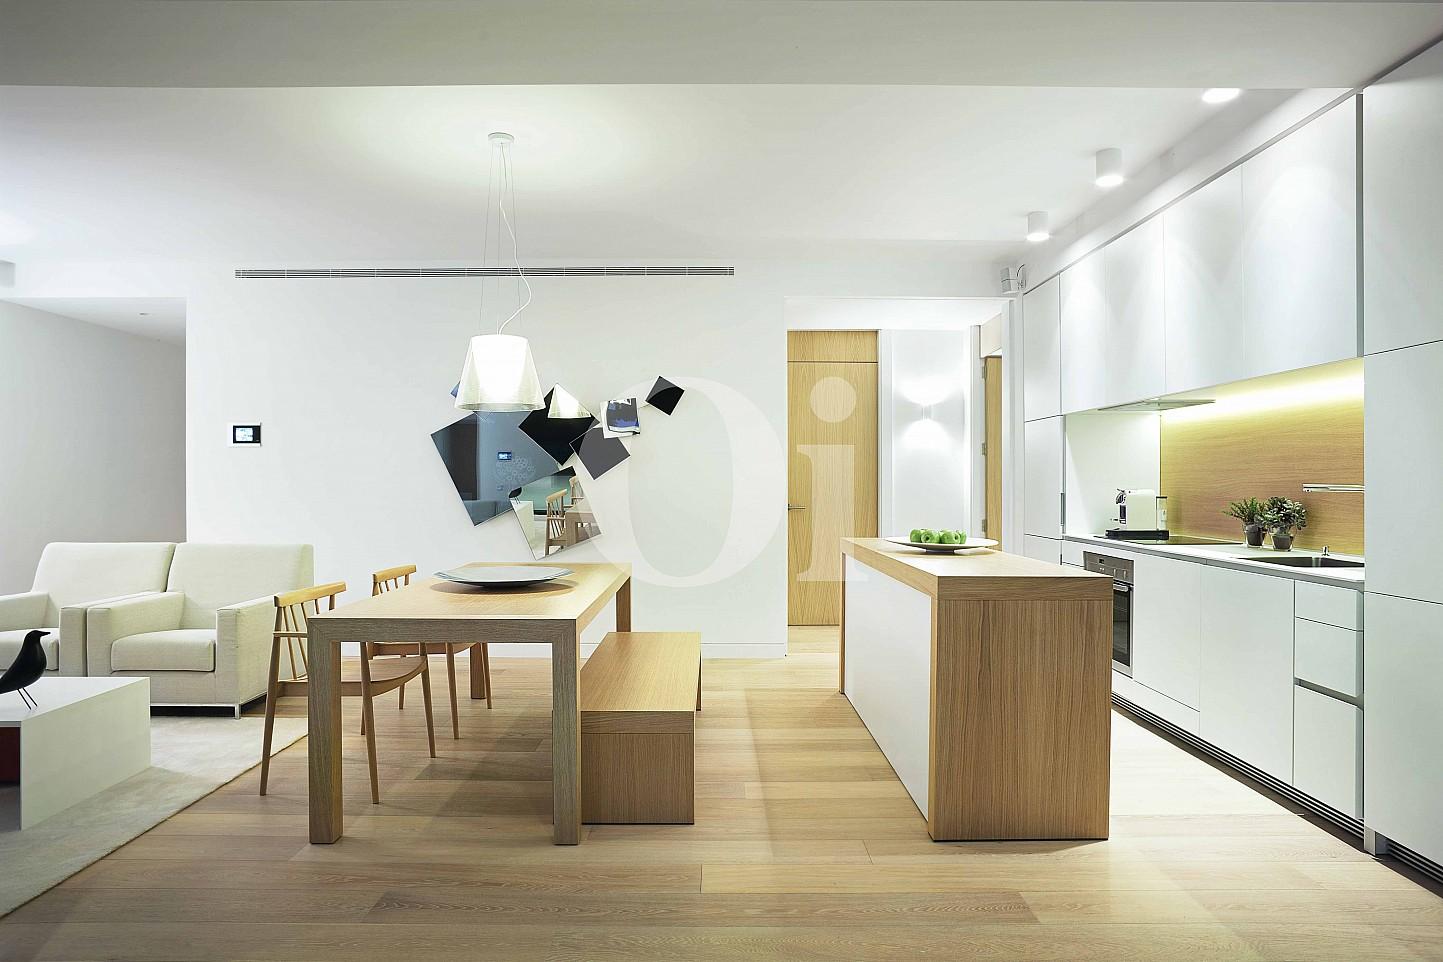 Потрясающая гостиная-столовая, полностью оборудованная кухня и потрясающие виды на поле для игры в гольф в шикарных апартаментах на продажу